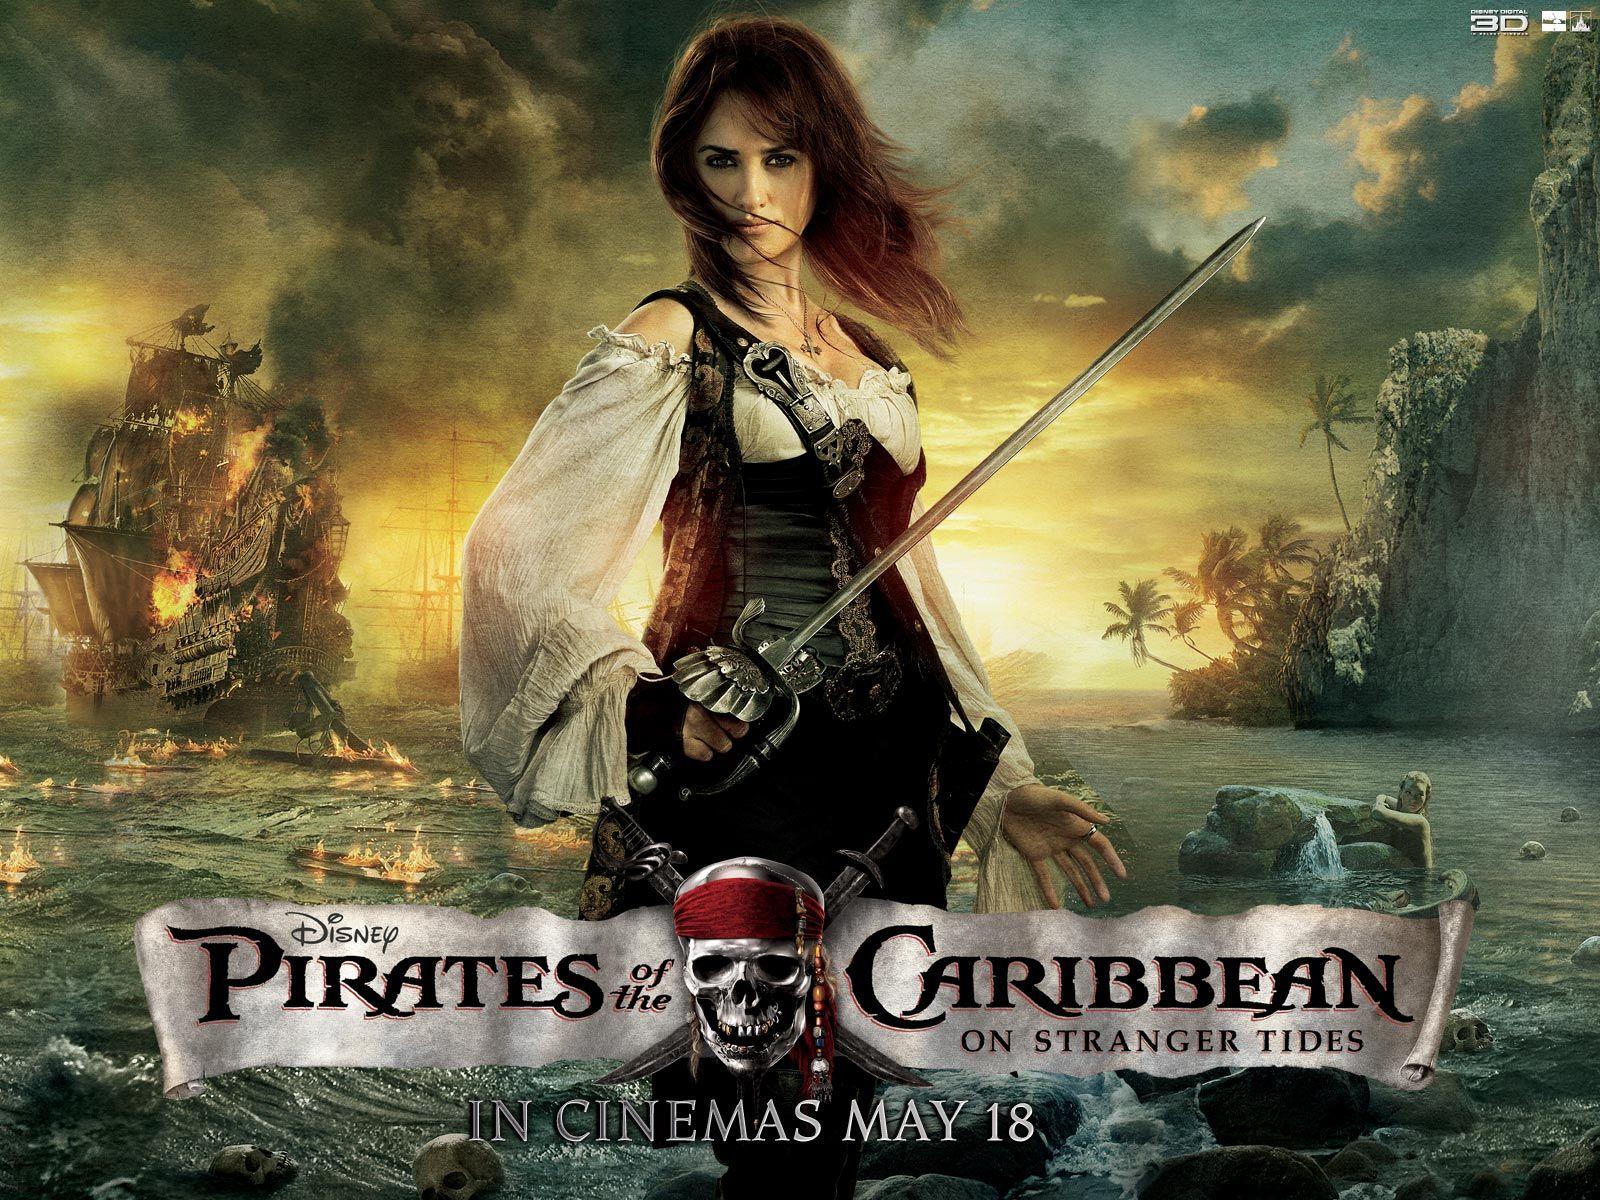 Пираты Карибского моря: На странных берегах (Pirates of the Caribbean: On Stranger Tides, 2011) рекомендации